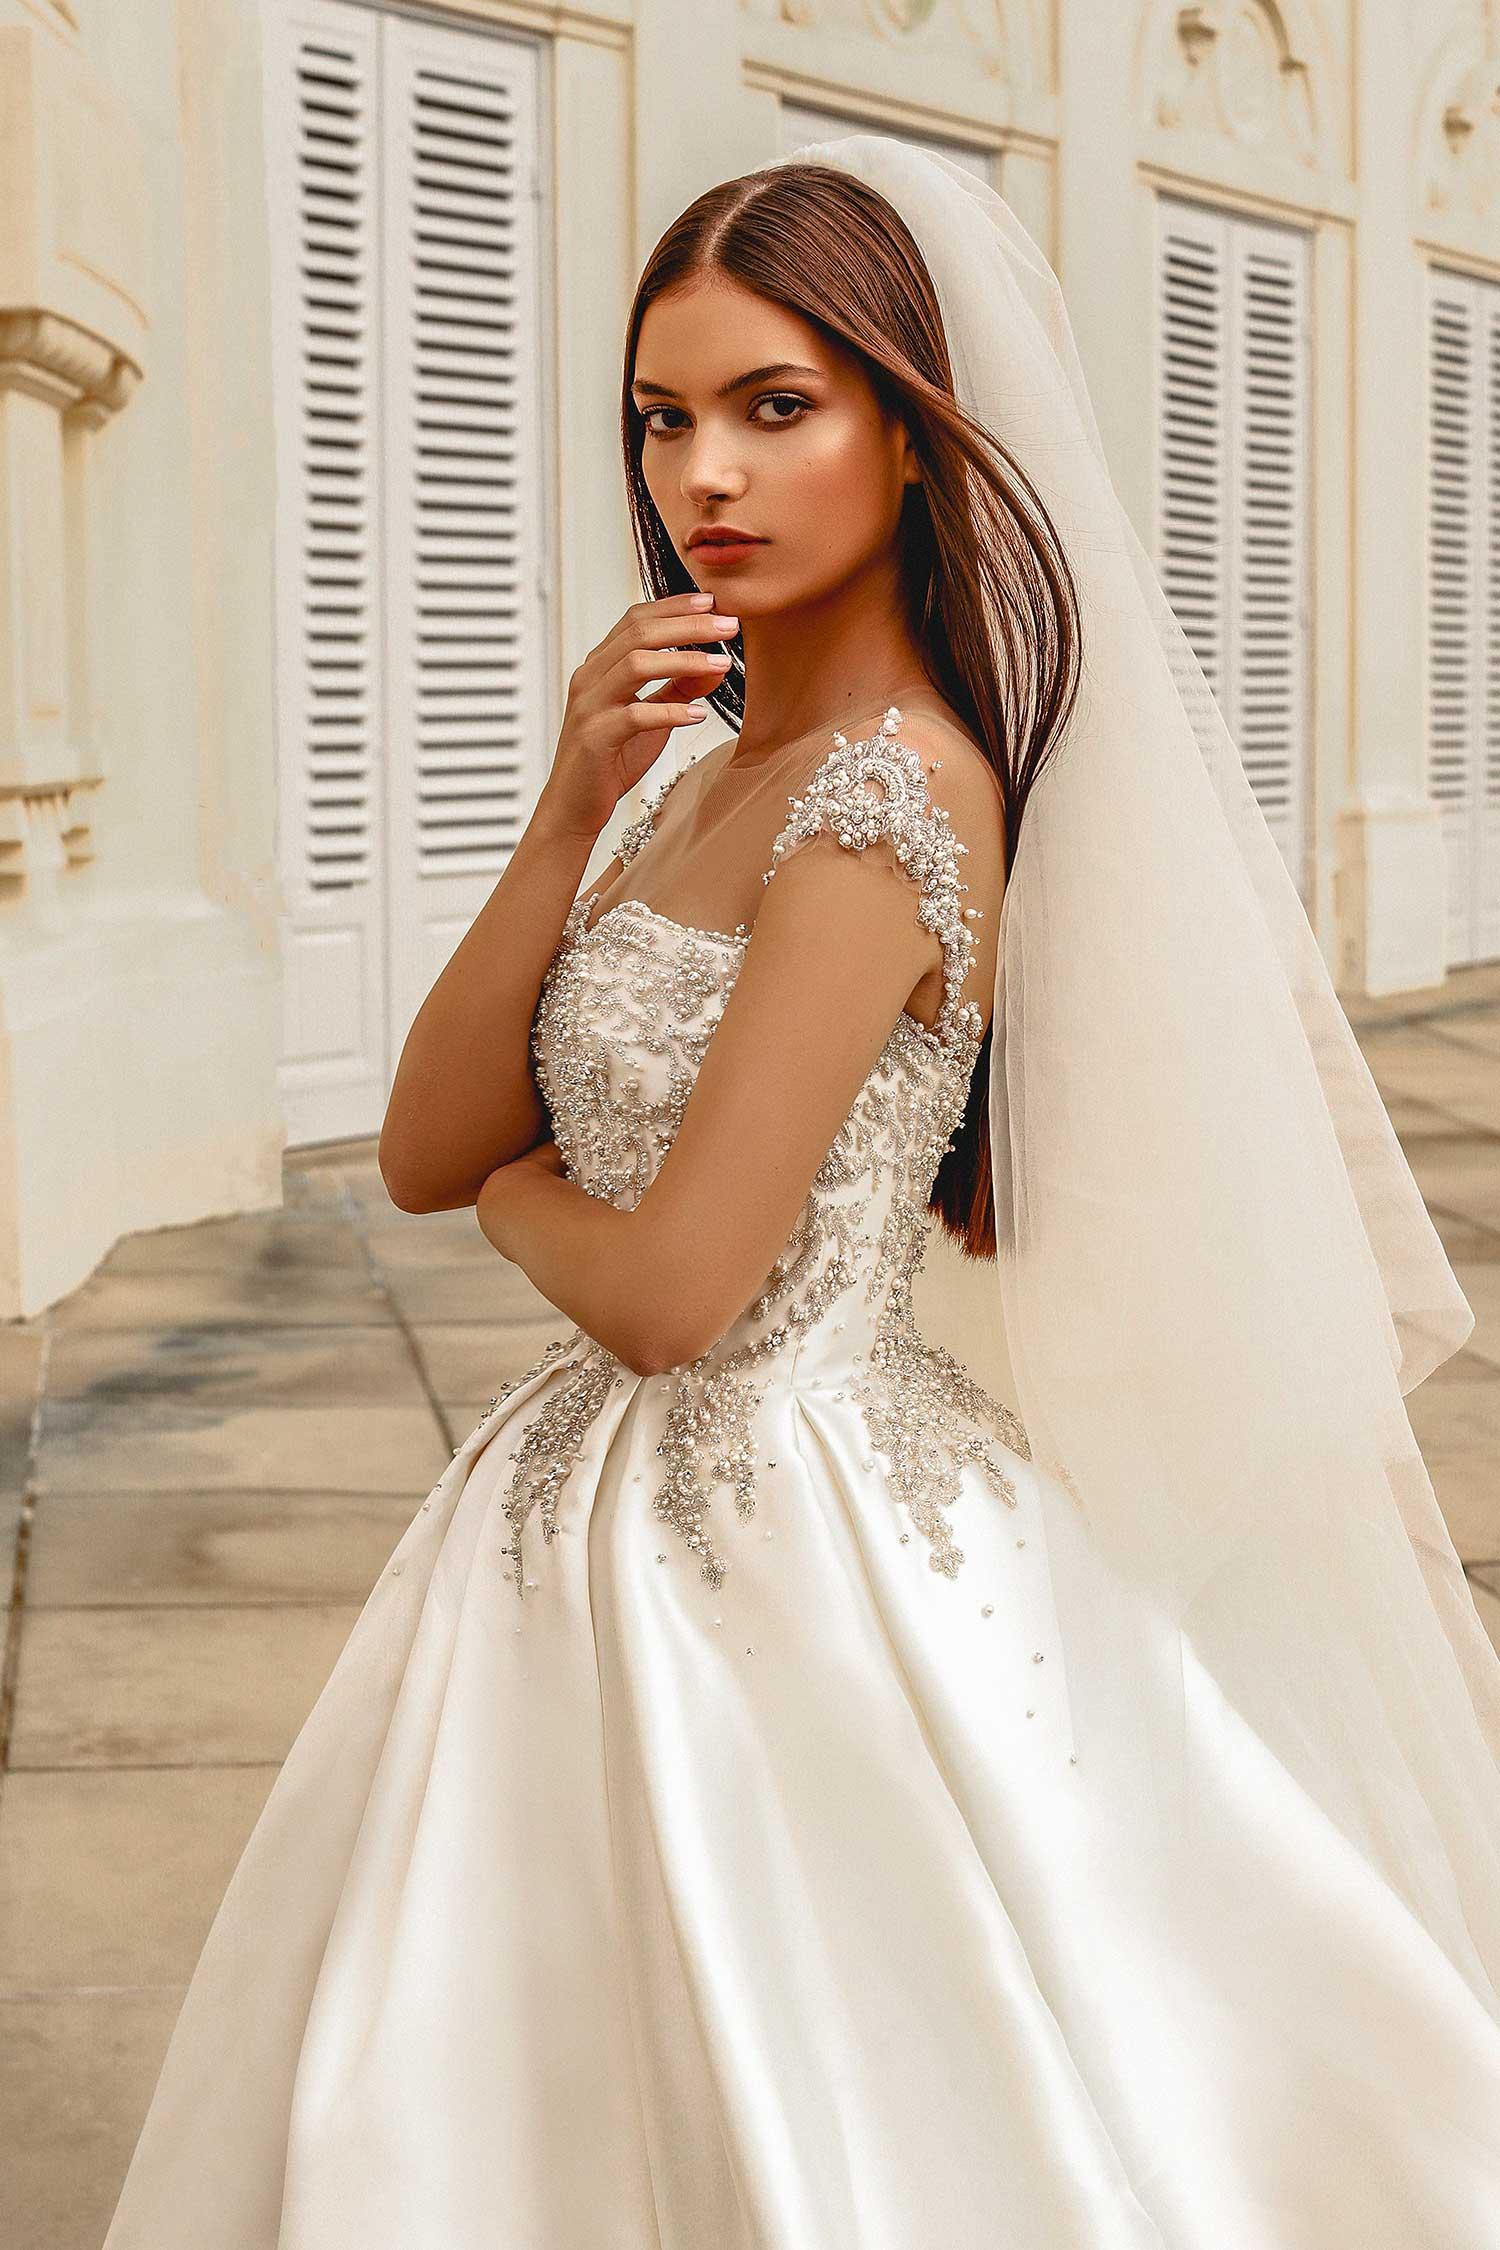 Natural bridal editorial photography